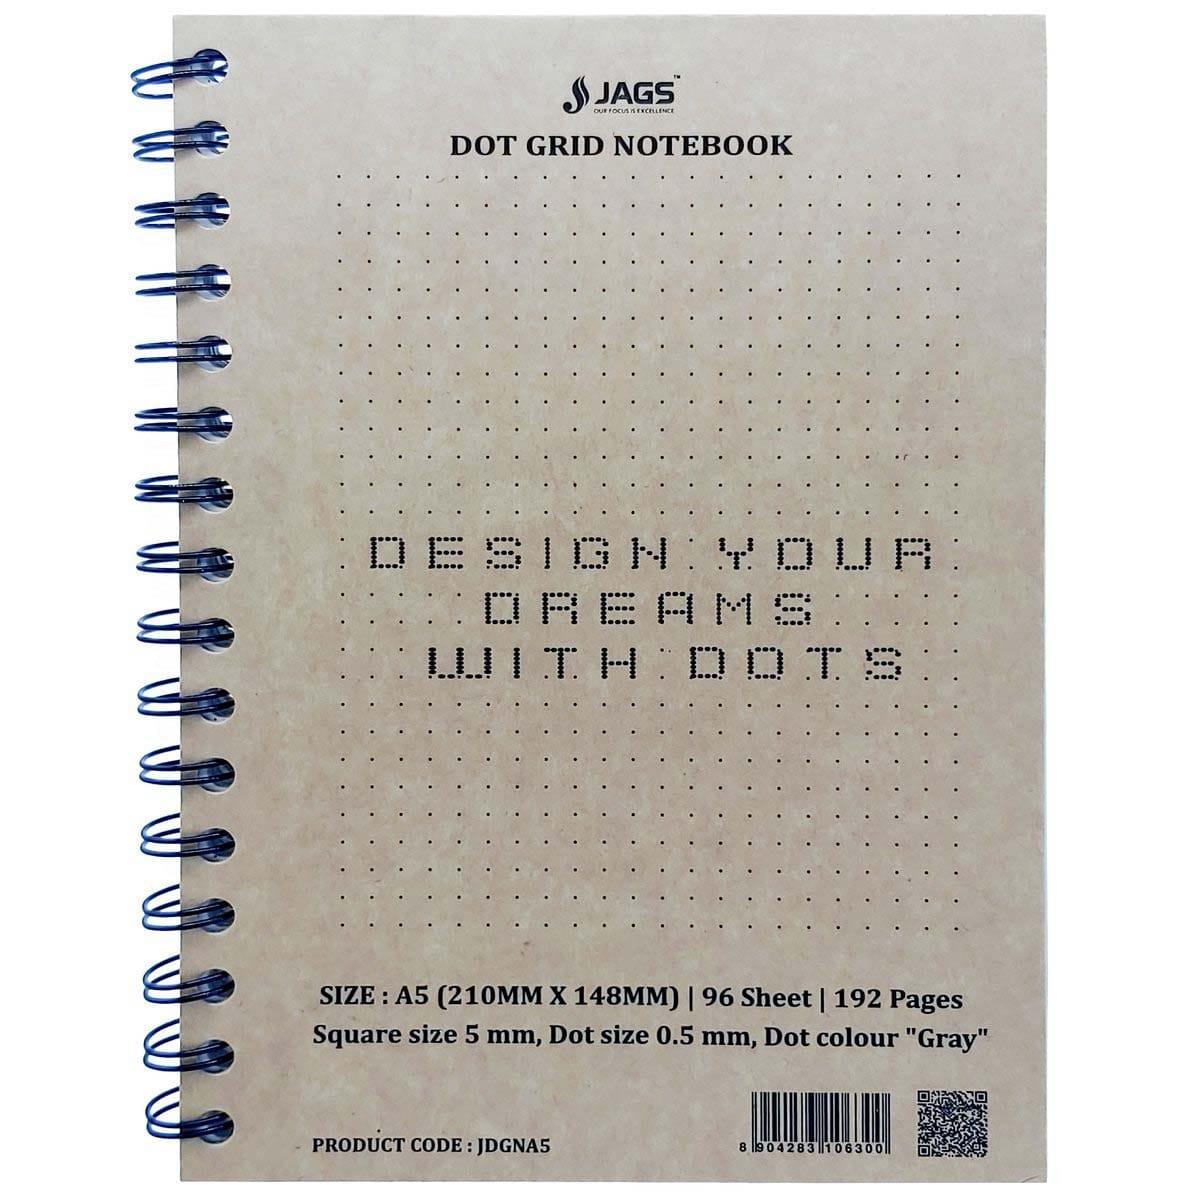 A5 Dot Grid Notebook